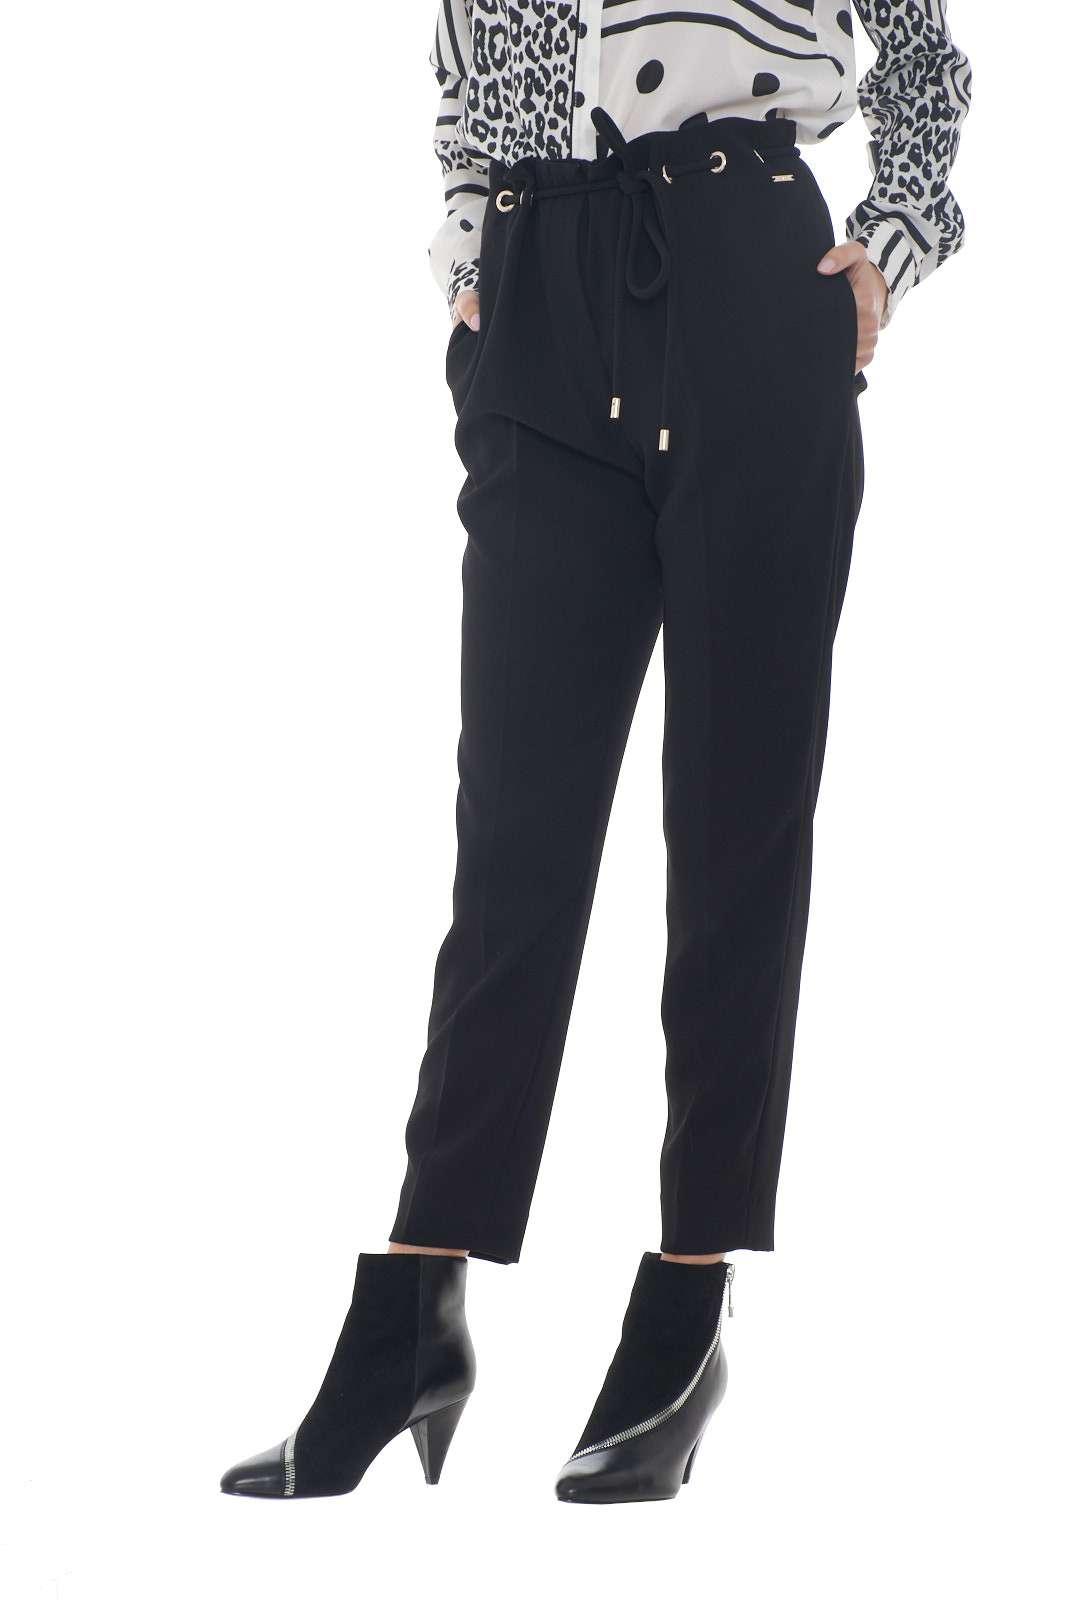 https://www.parmax.com/media/catalog/product/a/i/AI-outlet_parmax-pantaloni-donna-Liu-Jo-C19146-A.jpg